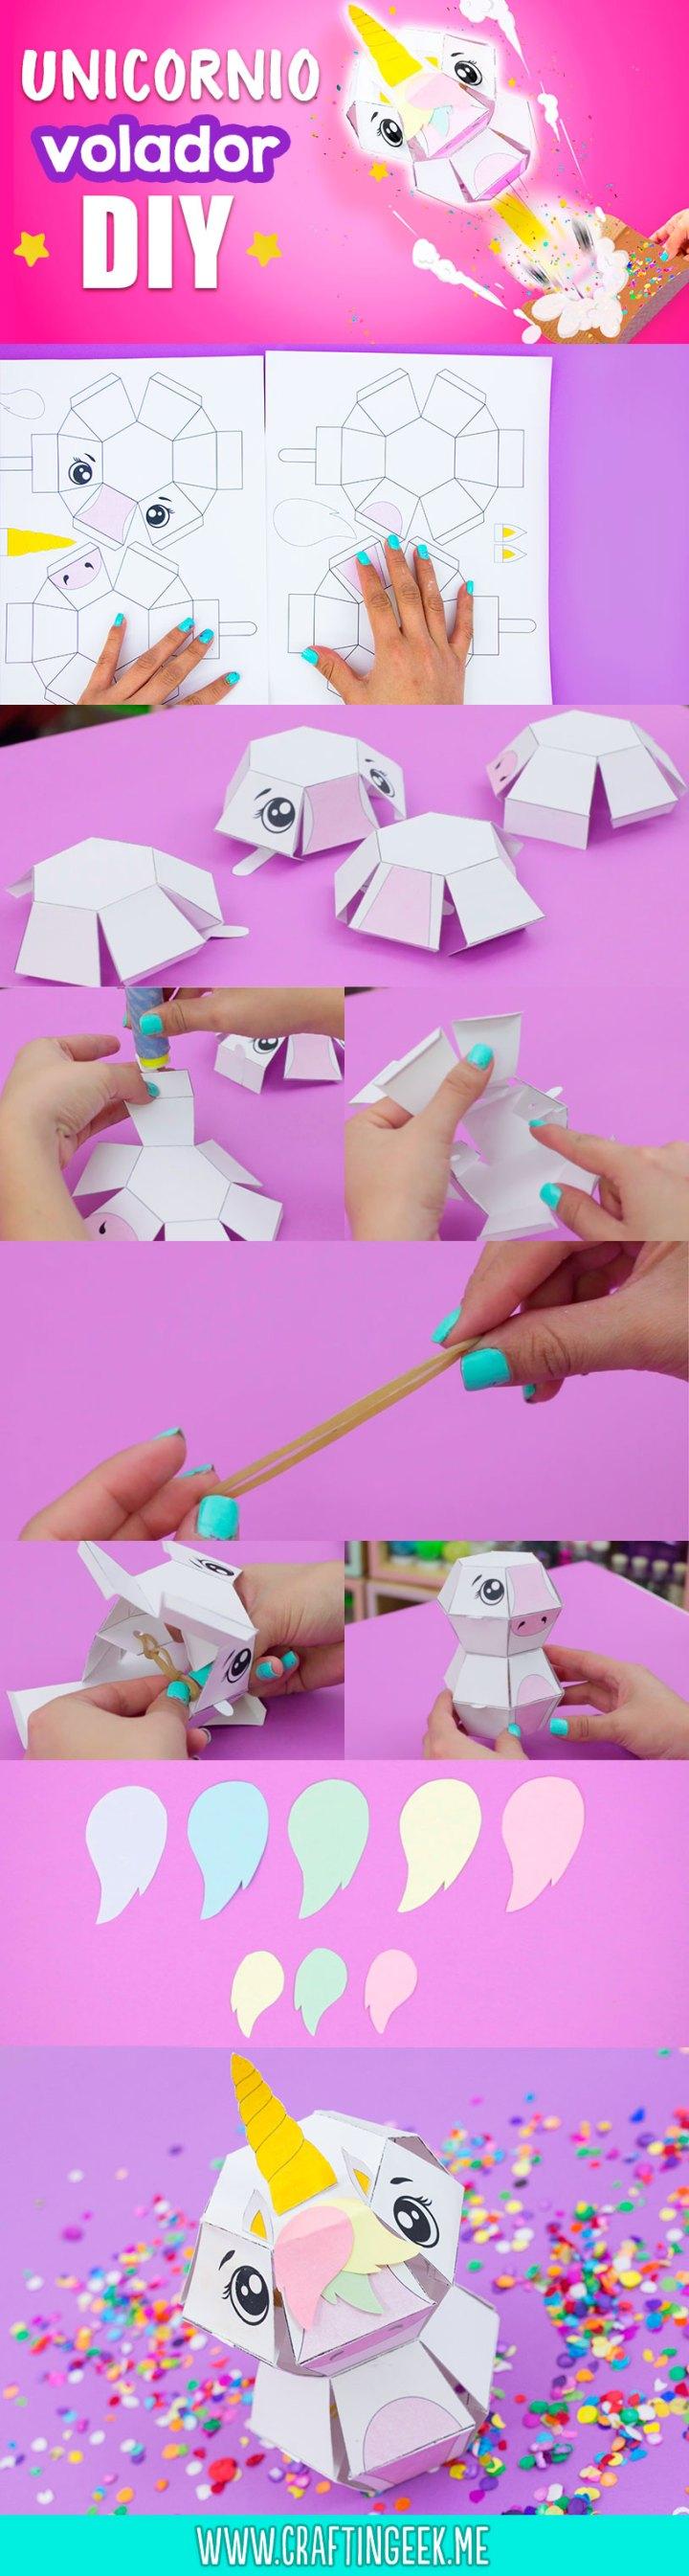 tarjeta explosiva unicornio